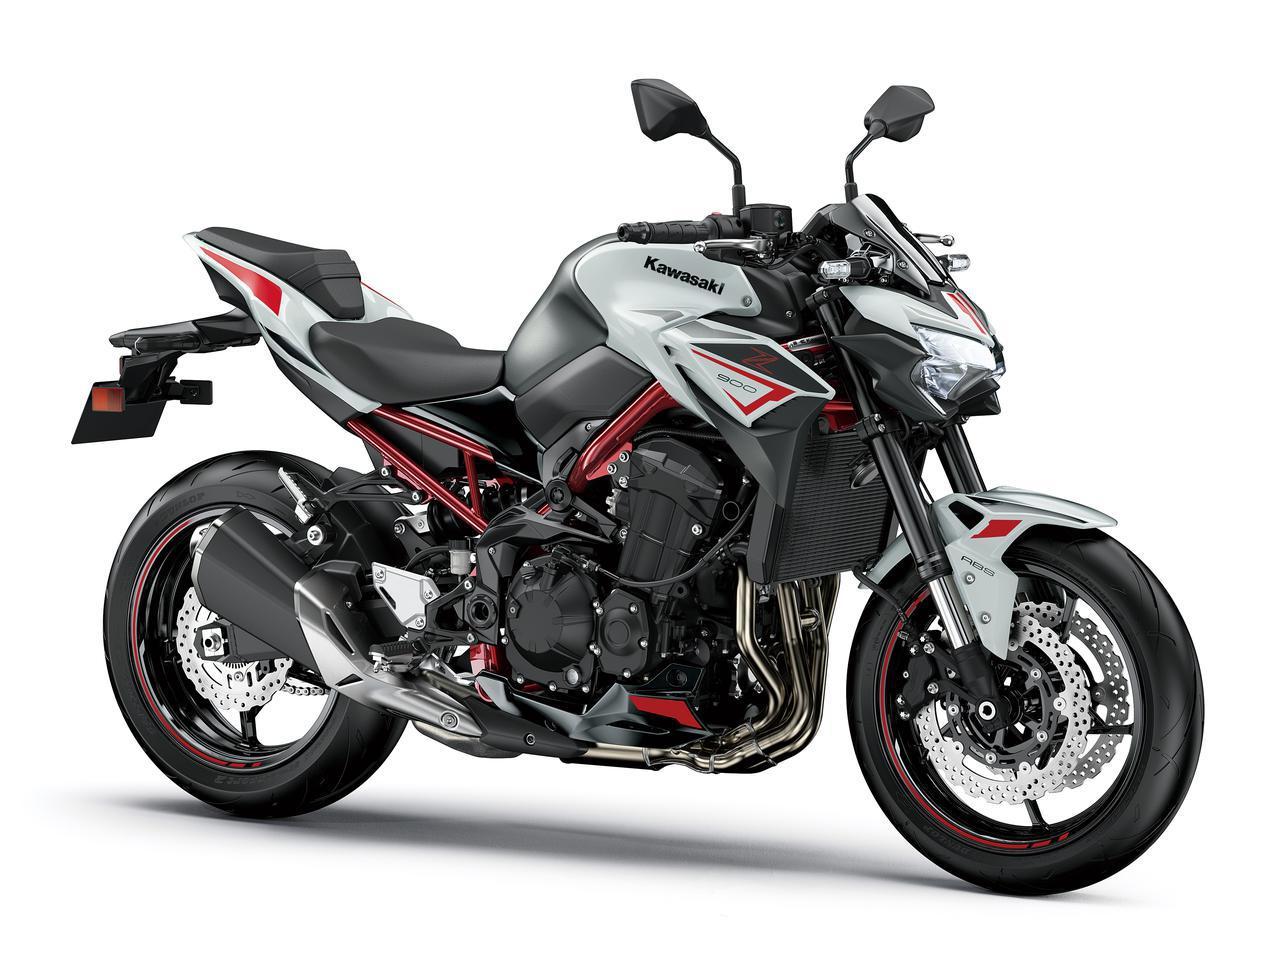 画像: Kawasaki Z900 総排気量:948cc エンジン形式:水冷4ストDOHC4バルブ並列4気筒 シート高:800mm 車両重量:213kg